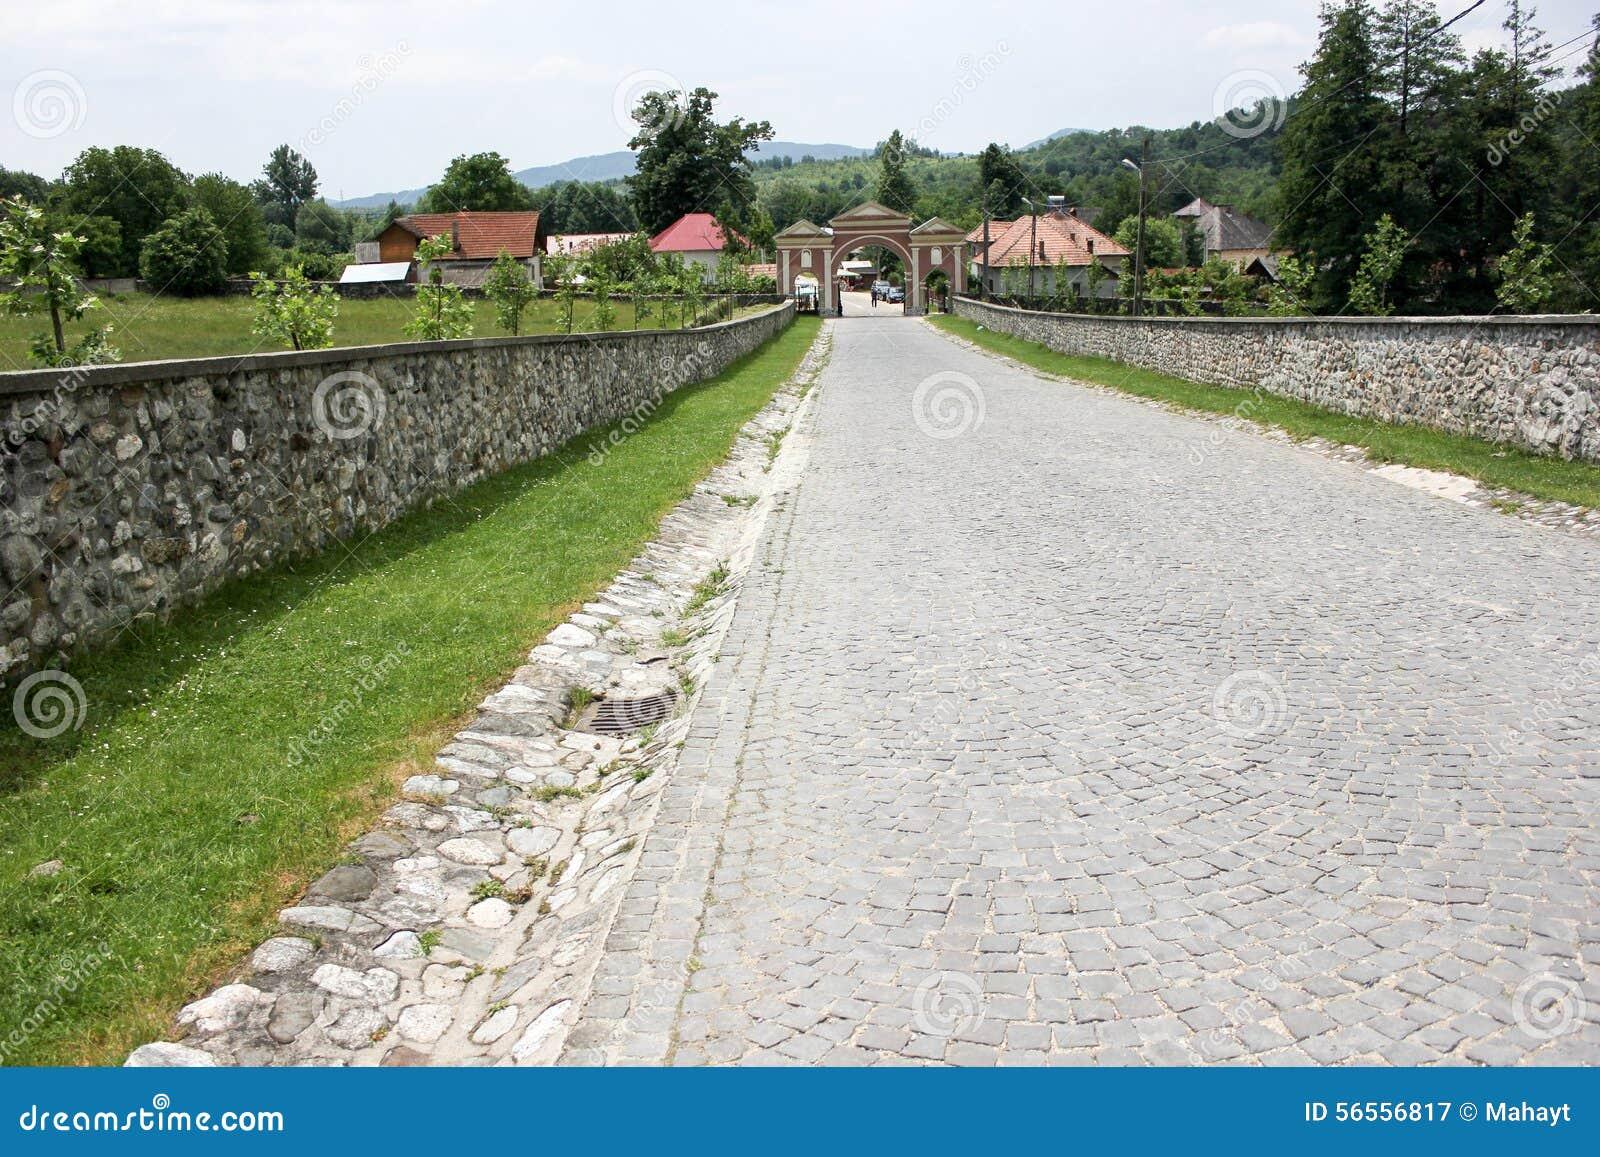 Download Αγροτικό τοπίο με το παλαιό μοναστήρι στη Ρουμανία Στοκ Εικόνα - εικόνα από καλλιέργεια, ιστορικός: 56556817